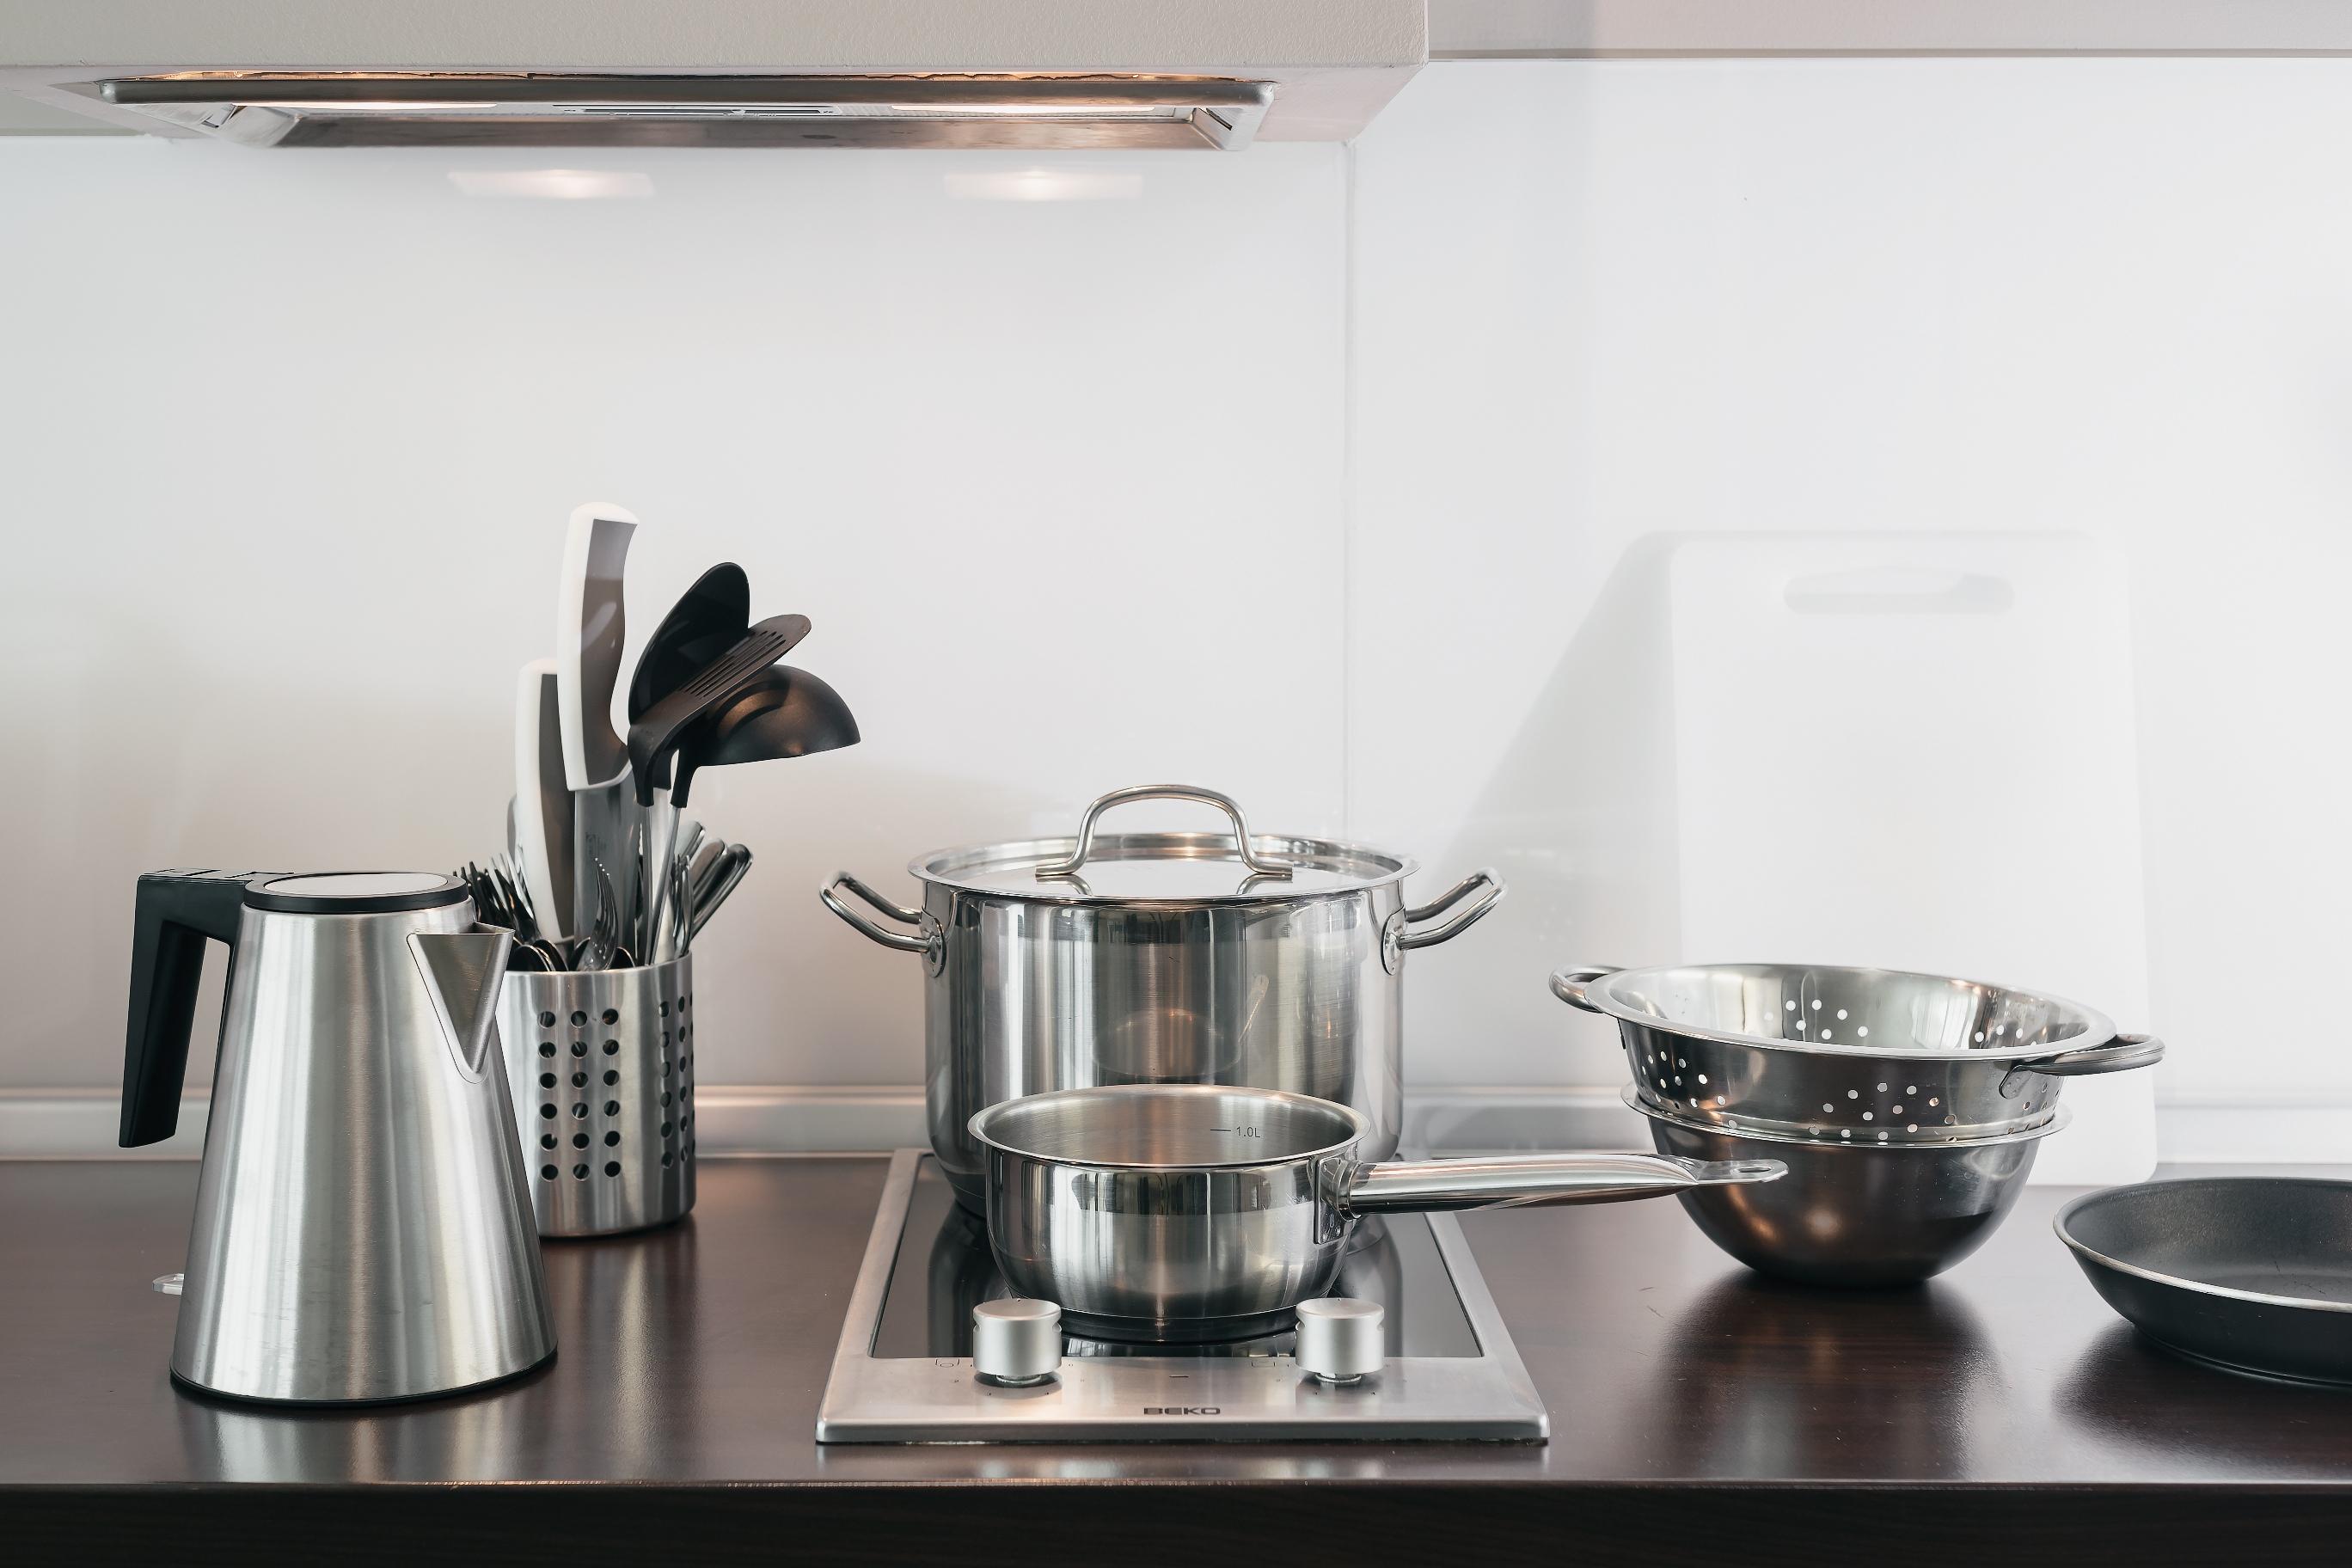 Апарт-отель Бревис (Brevis),Оборудование кухни